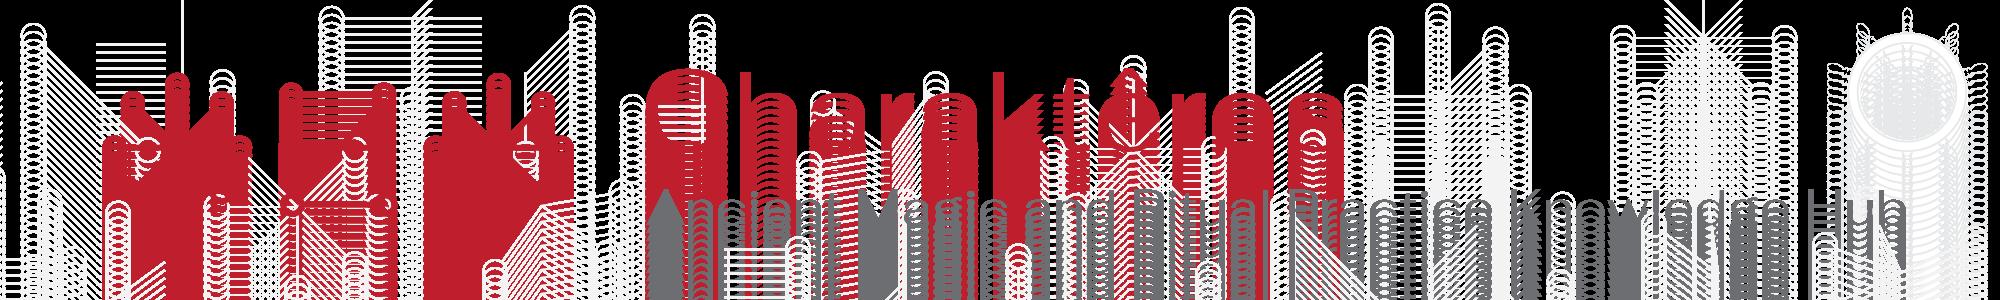 Charakteres-Logo-AMRPKH_ZZ2